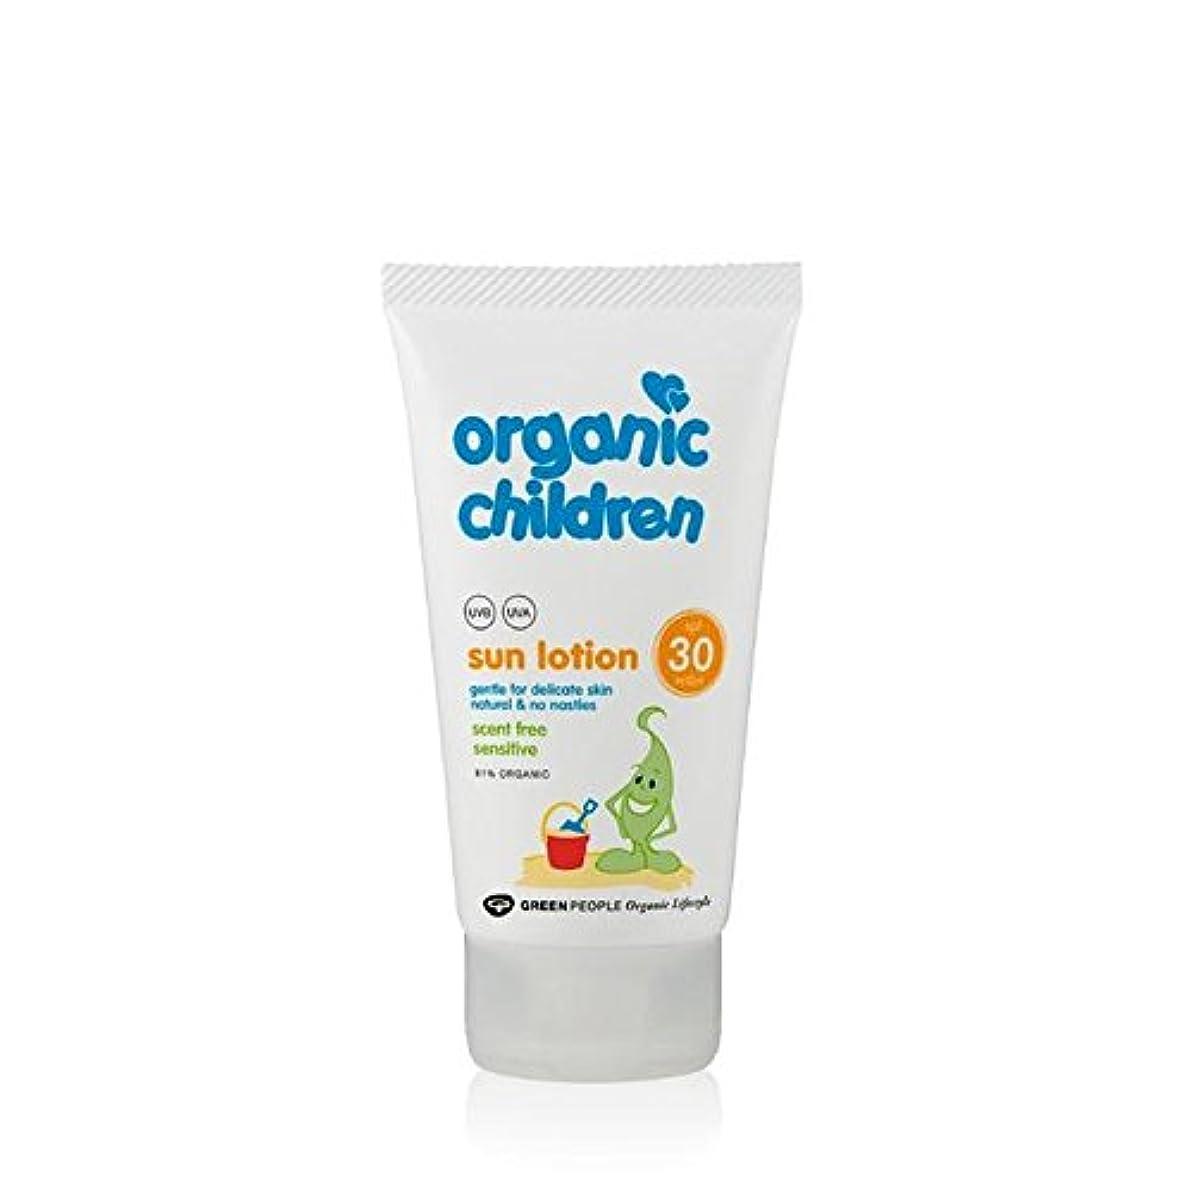 アミューズメント被害者ねじれOrganic Children SPF30 Scent Free Sun Lotion 150ml (Pack of 6) - 有機子ども30の香り無料のサンローション150 x6 [並行輸入品]